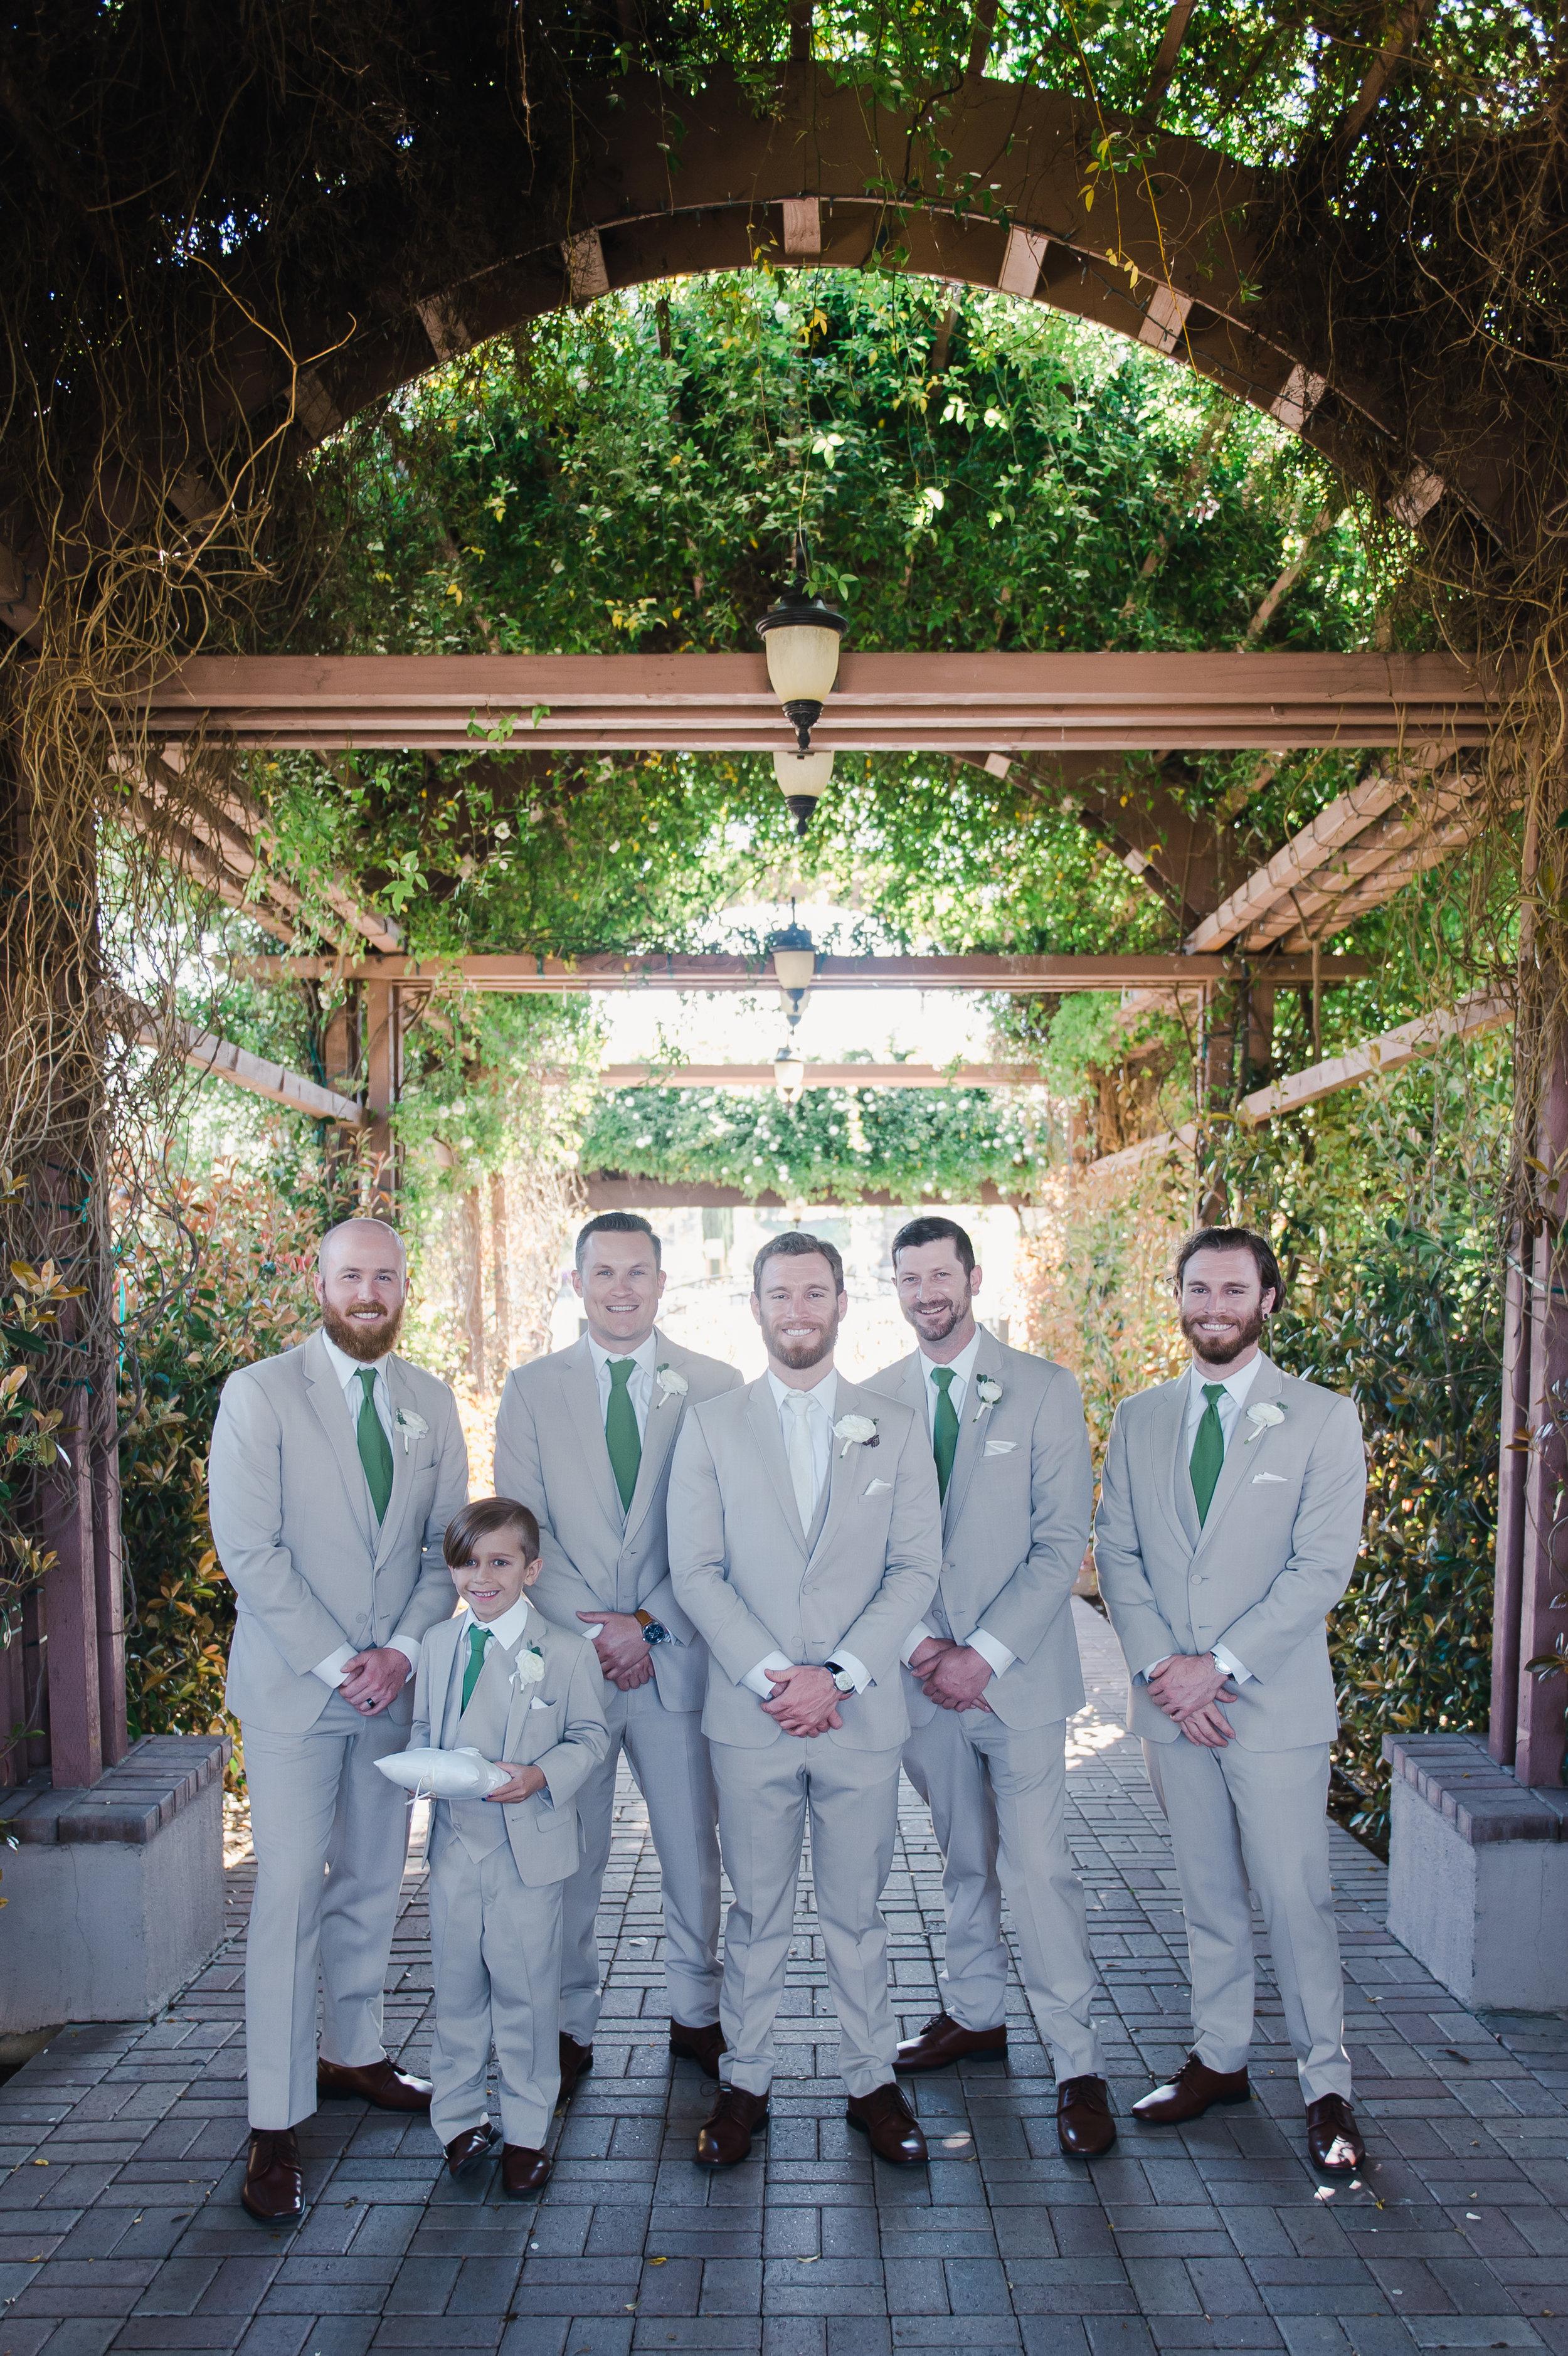 25mountpalomarwineryweddingpictures.jpg